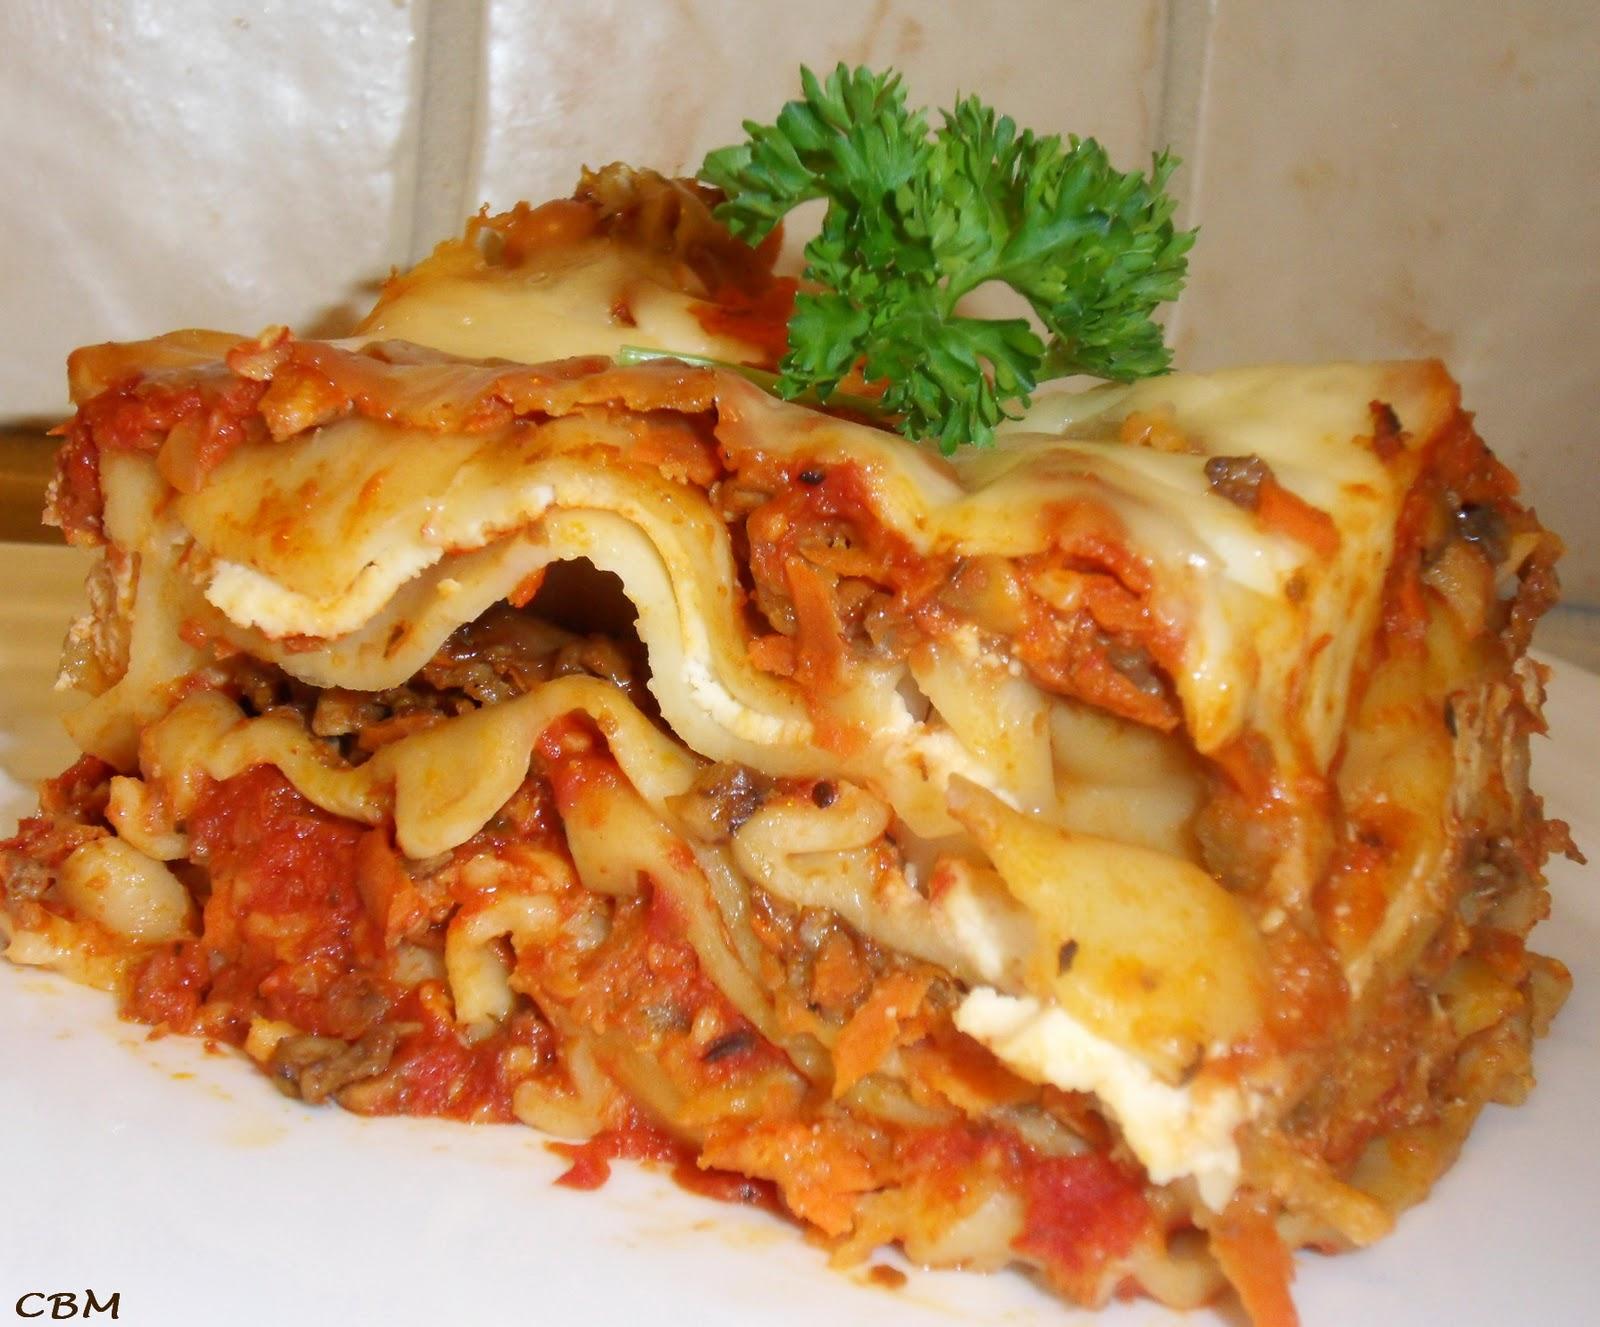 Dans la cuisine de blanc manger lasagne la mijoteuse - Cuisine a la mijoteuse ...